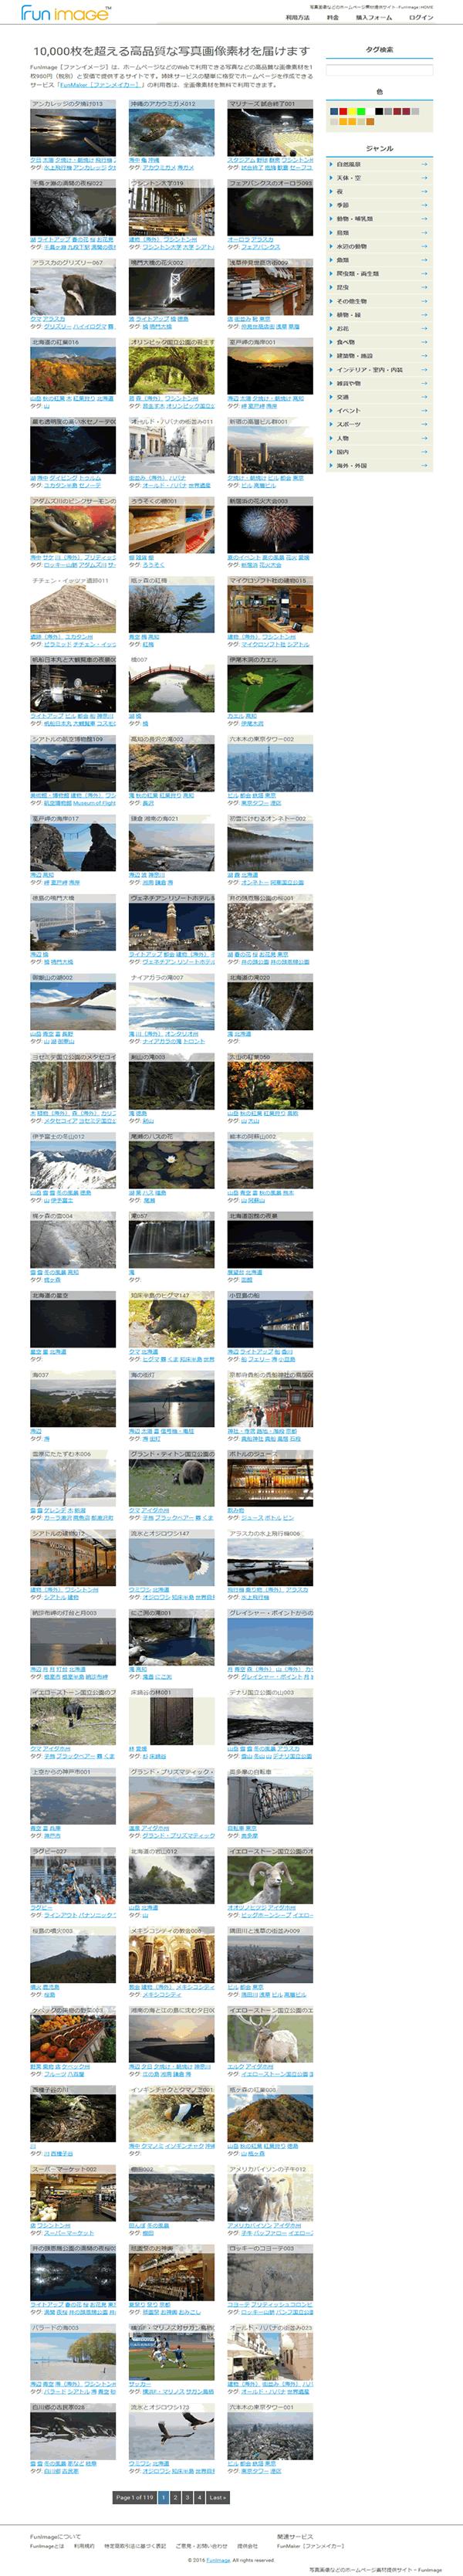 写真画像などのホームページ素材提供サイト - FunImage[ファンイメージ]